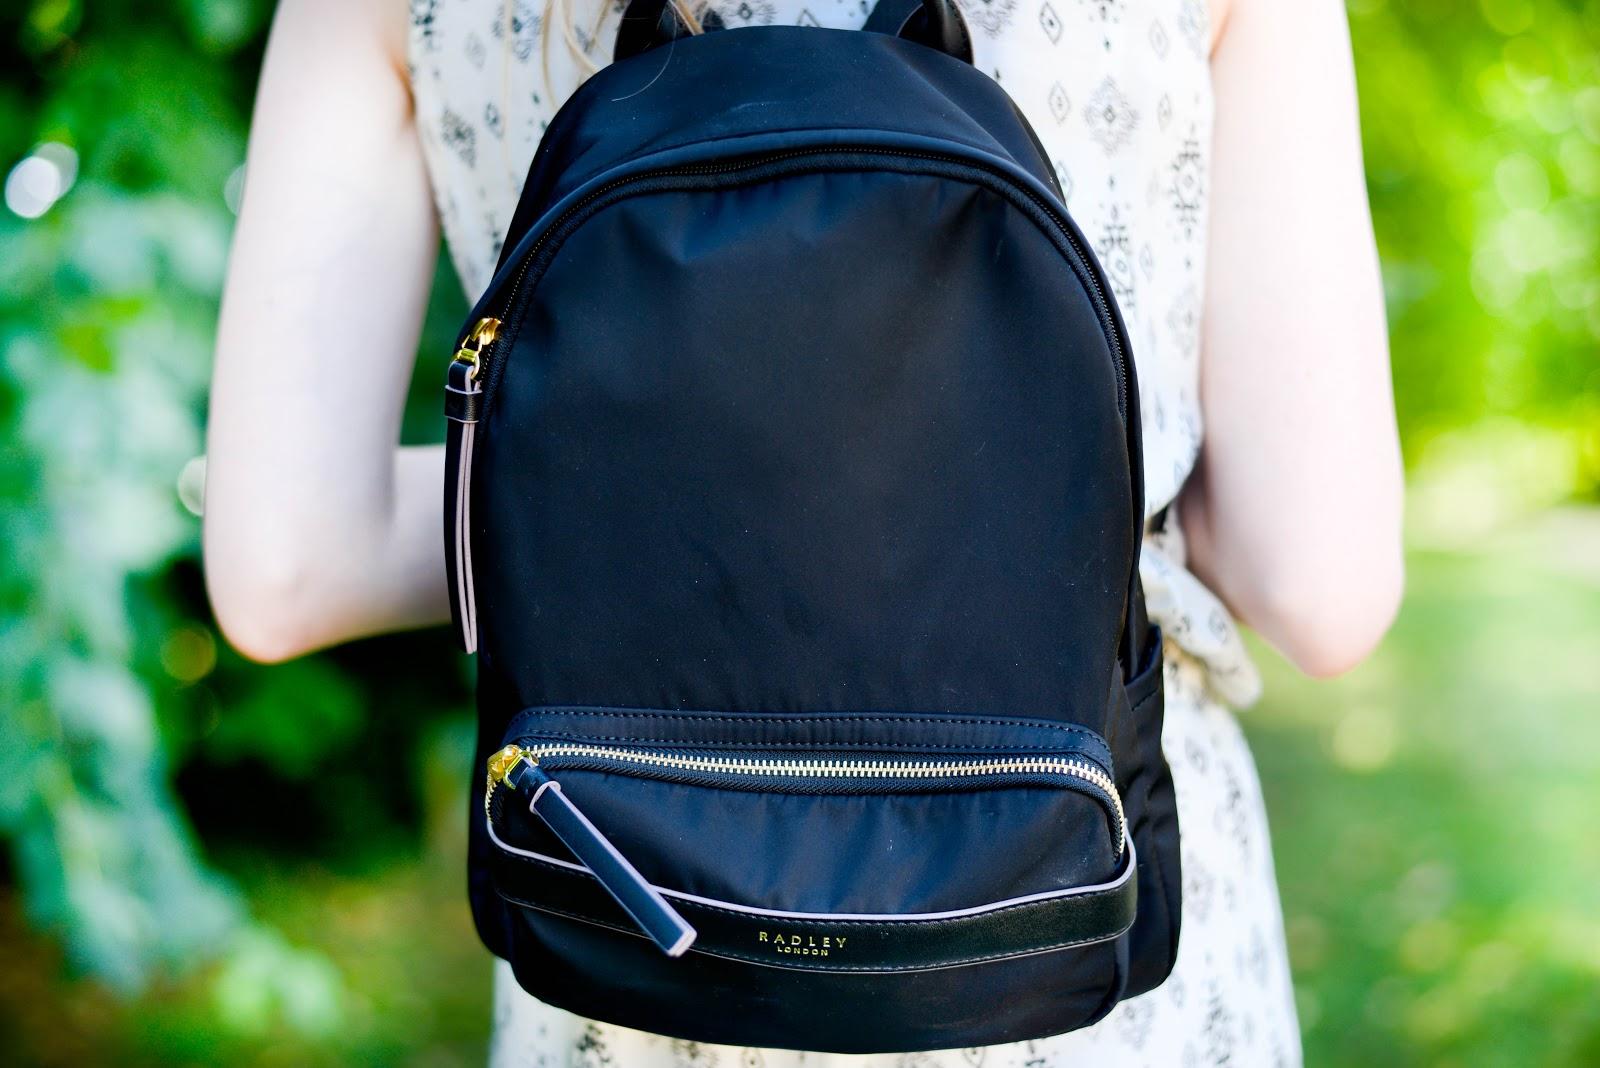 Radley Harley Backpack